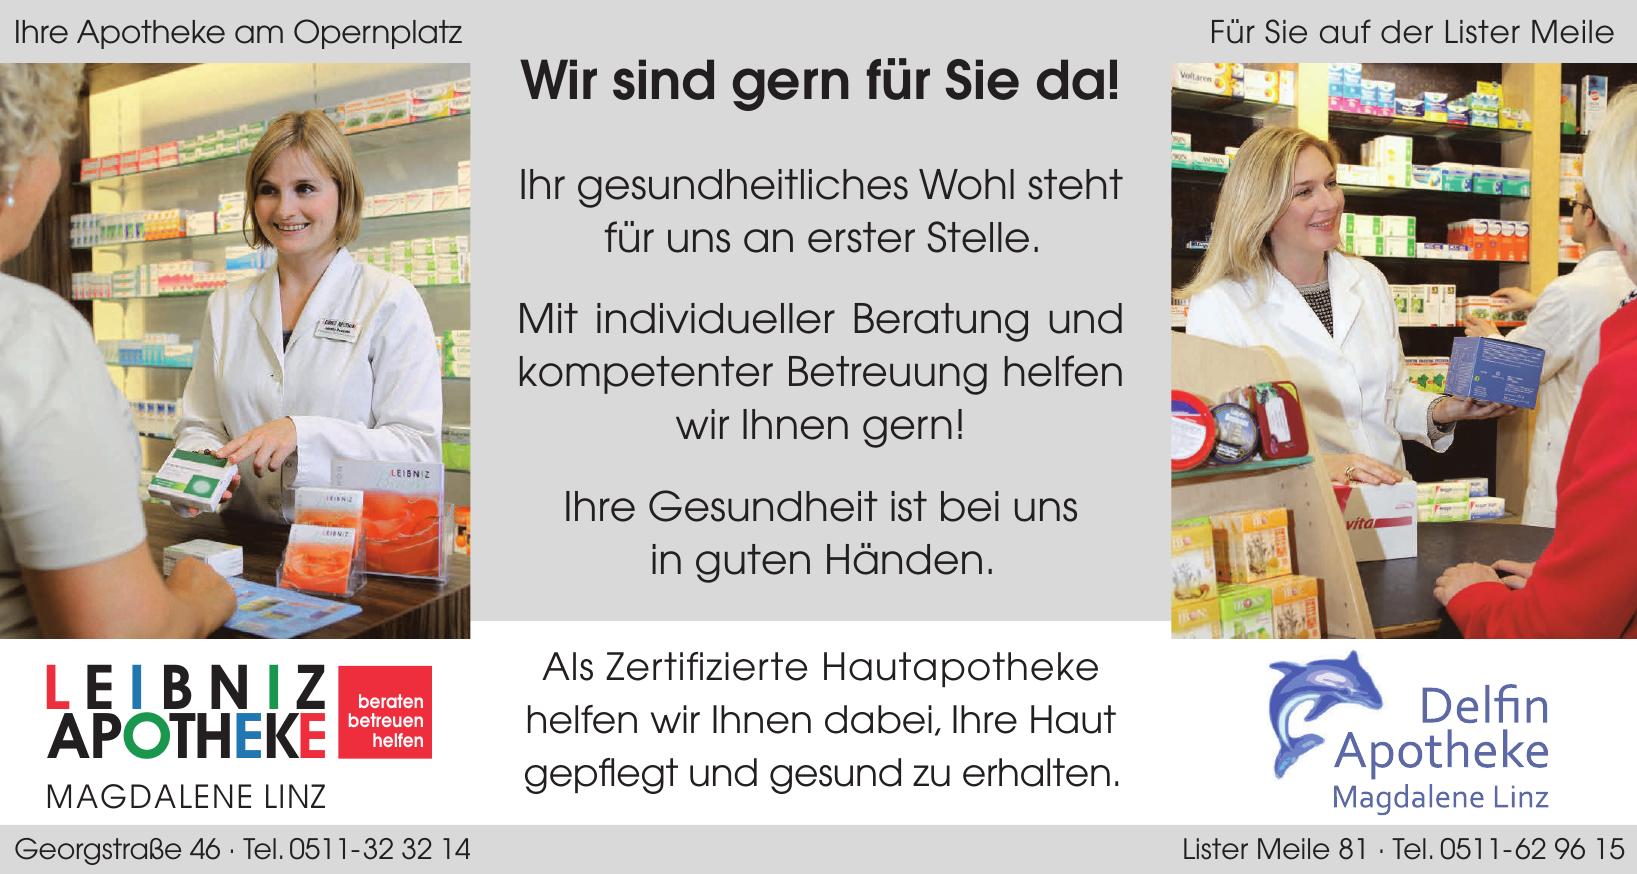 Leibnitz Apotheke